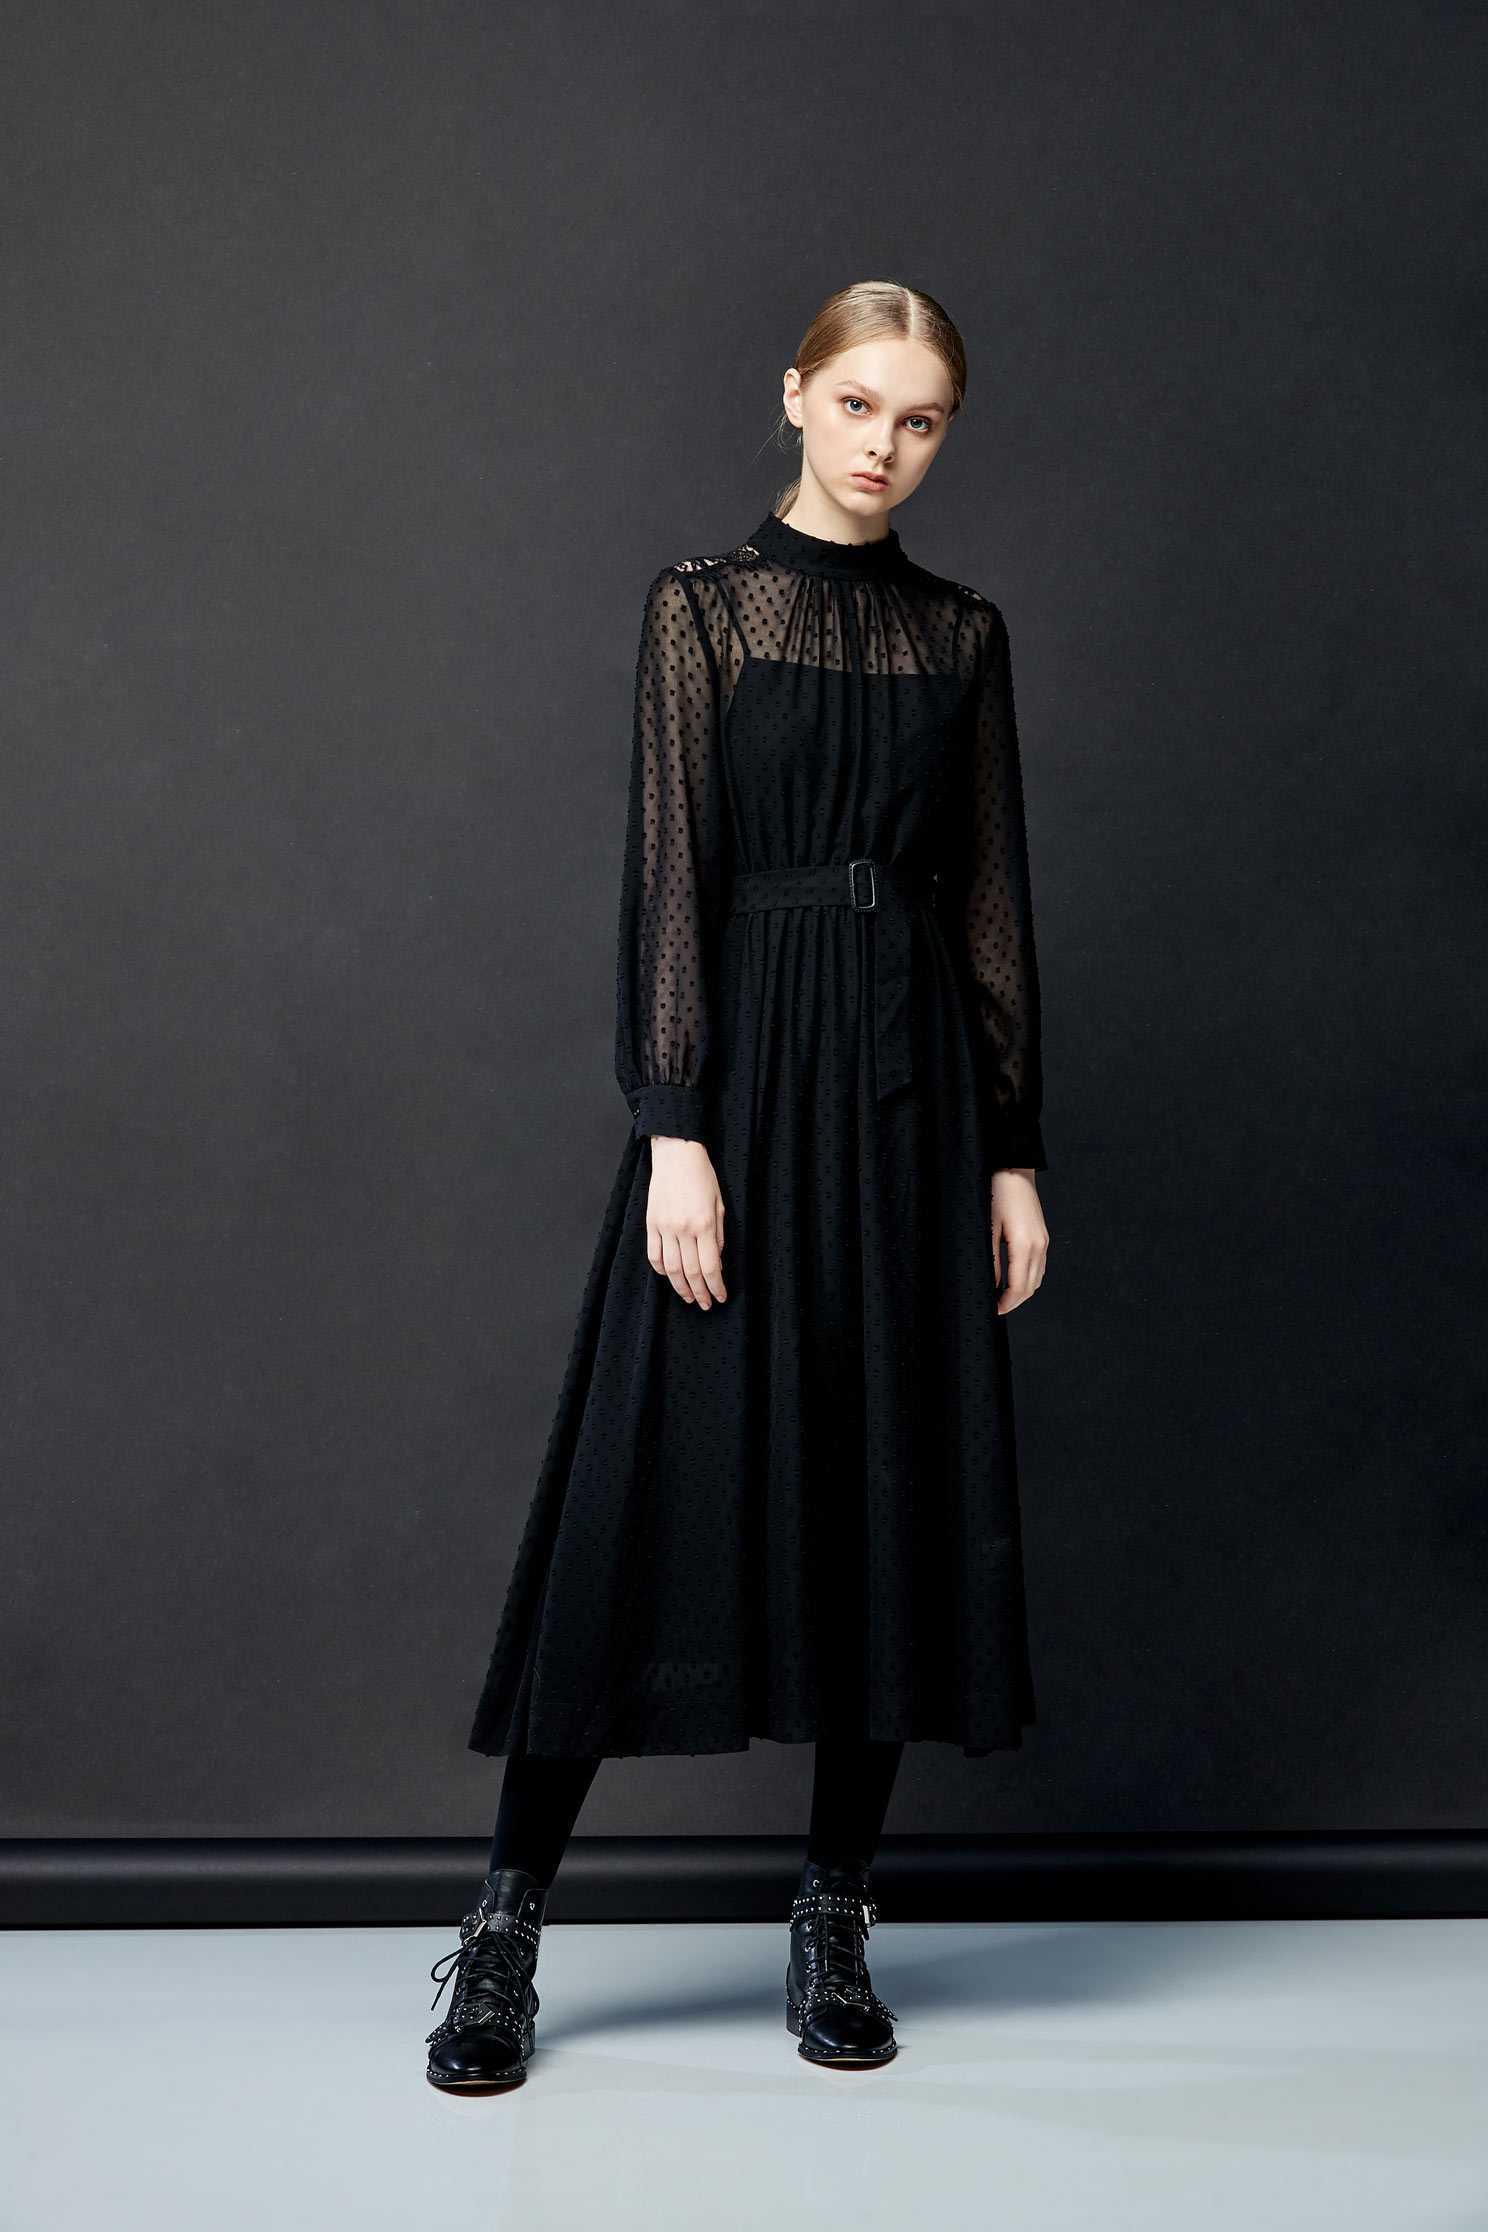 High-necked chiffon dress,dress,cocktaildress,eveningwear,spaghettistrapdress,perspectivedress,longdress,longsleevedress,chiffon,chiffondress,blackdress